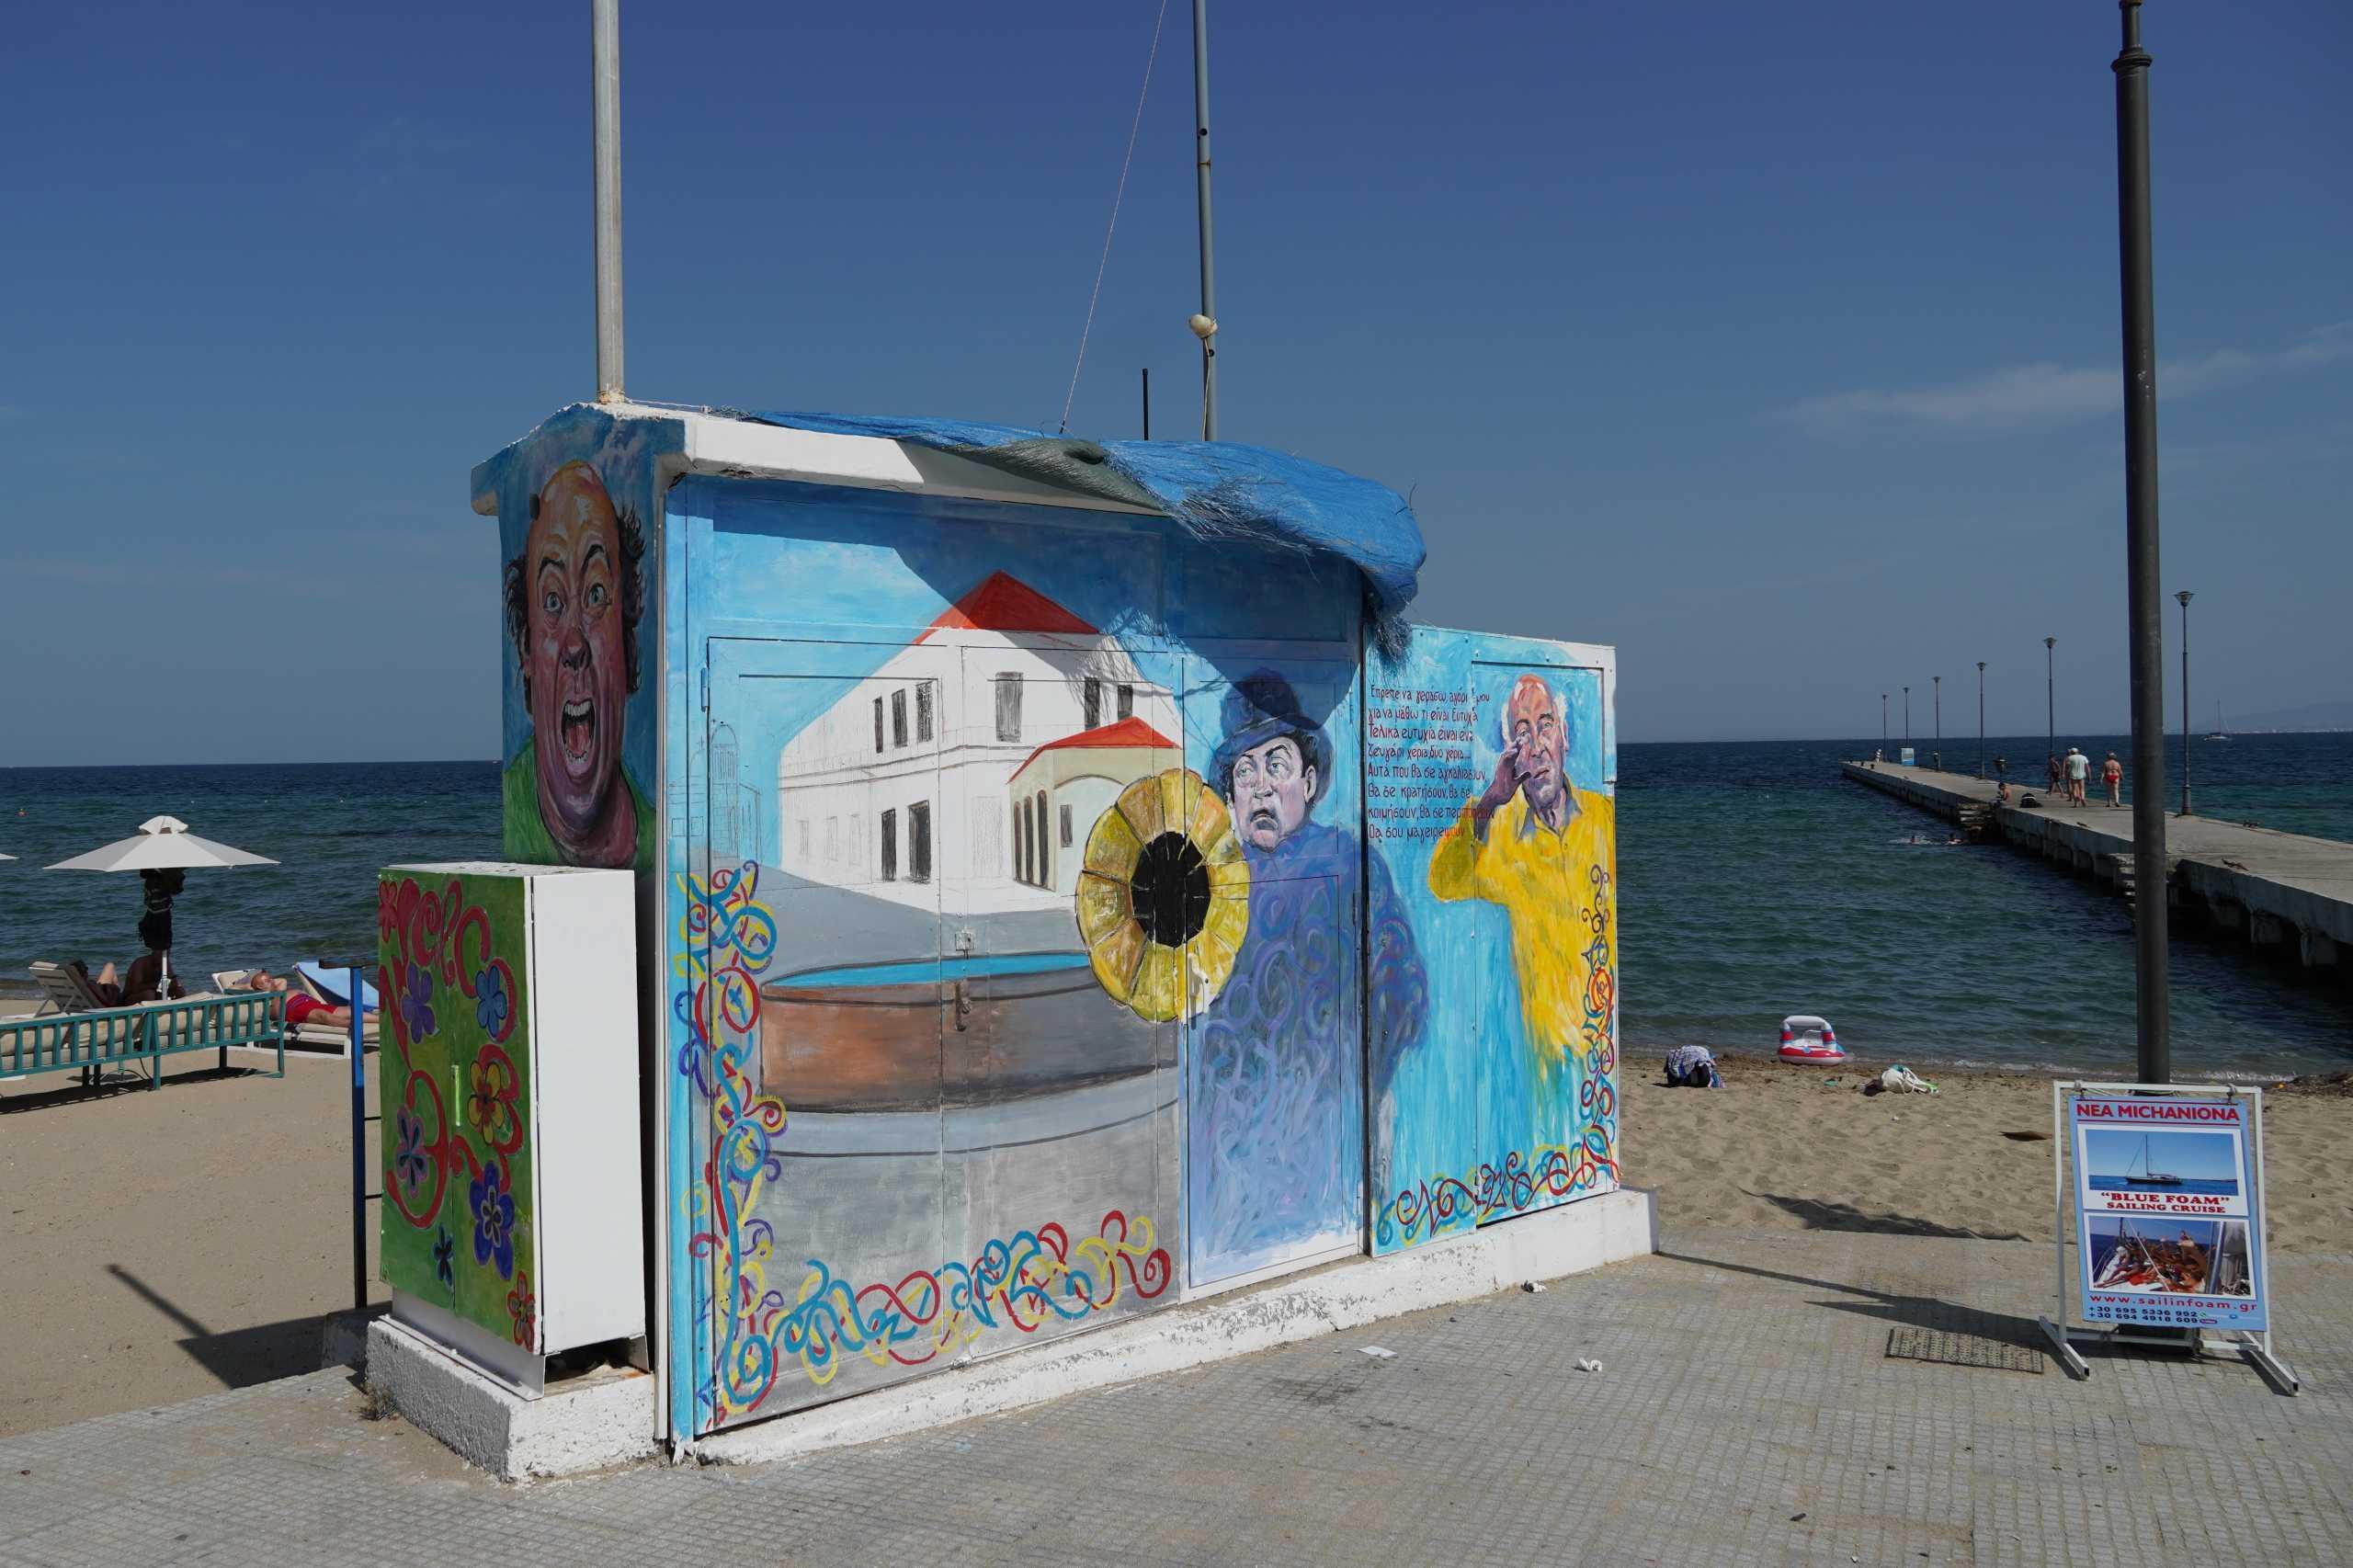 Θεσσαλονίκη: Σκηνή από τον «Θου Βου» σε… ΚΑΦΑΟ – Το σχέδιο που τραβά τα βλέμματα (pics)